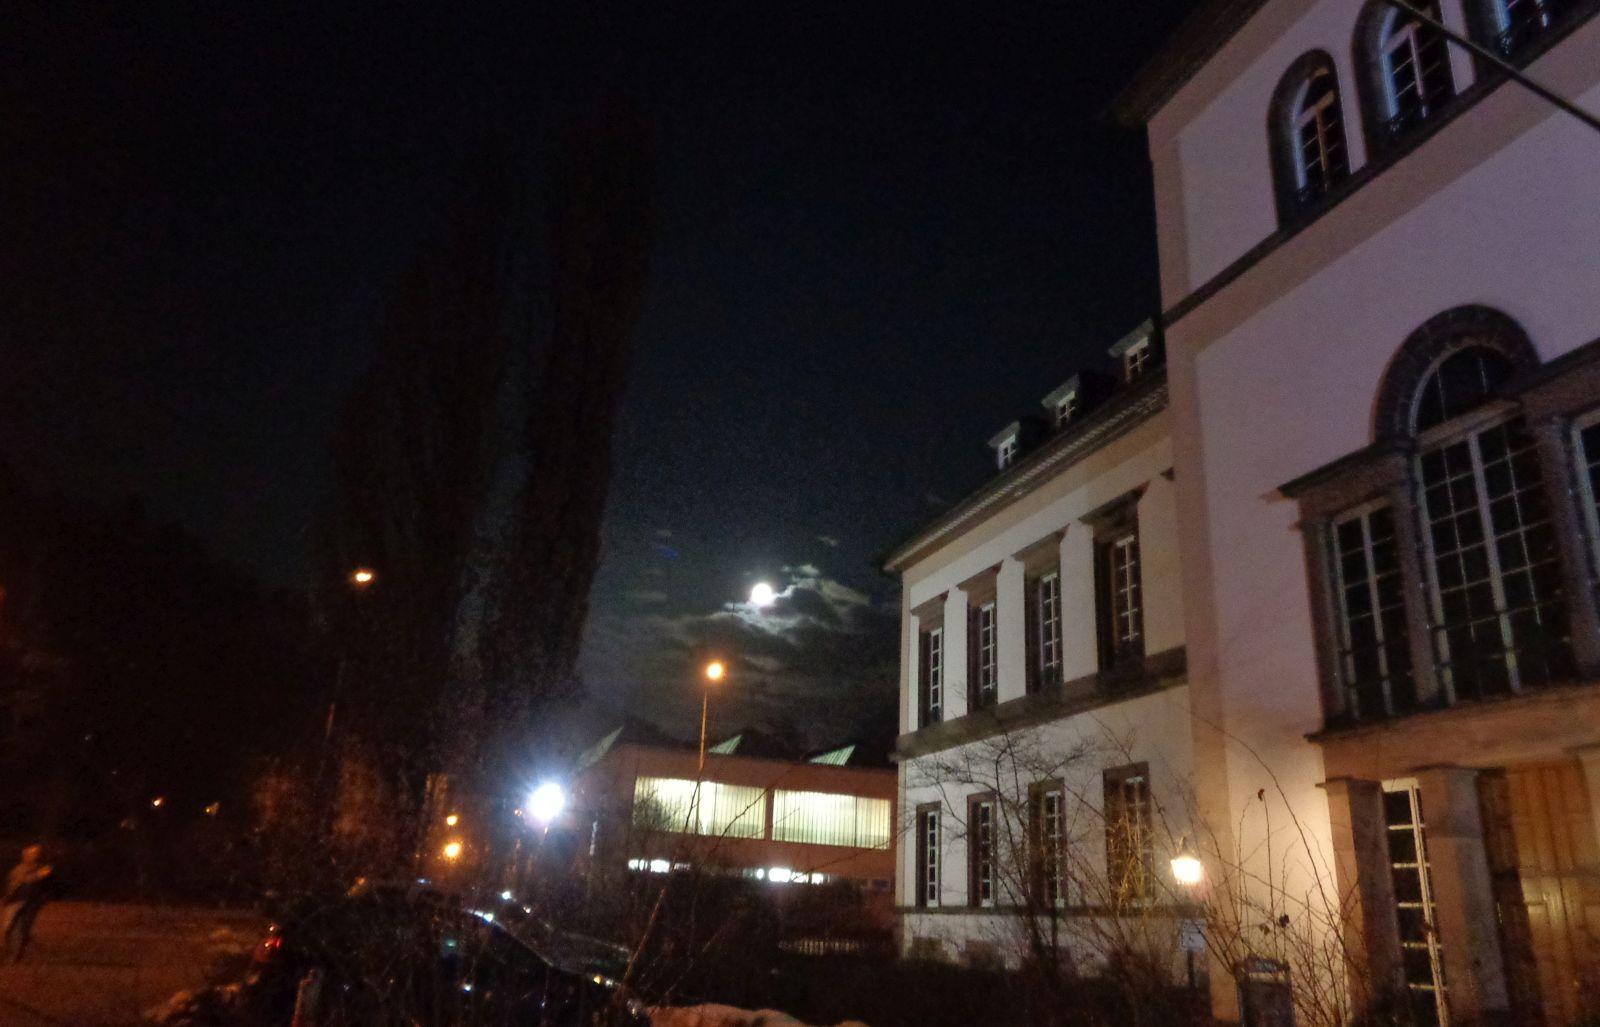 Am Samstagabend wird nur der Mond das Schloss beleuchten. Archiv-Foto: him